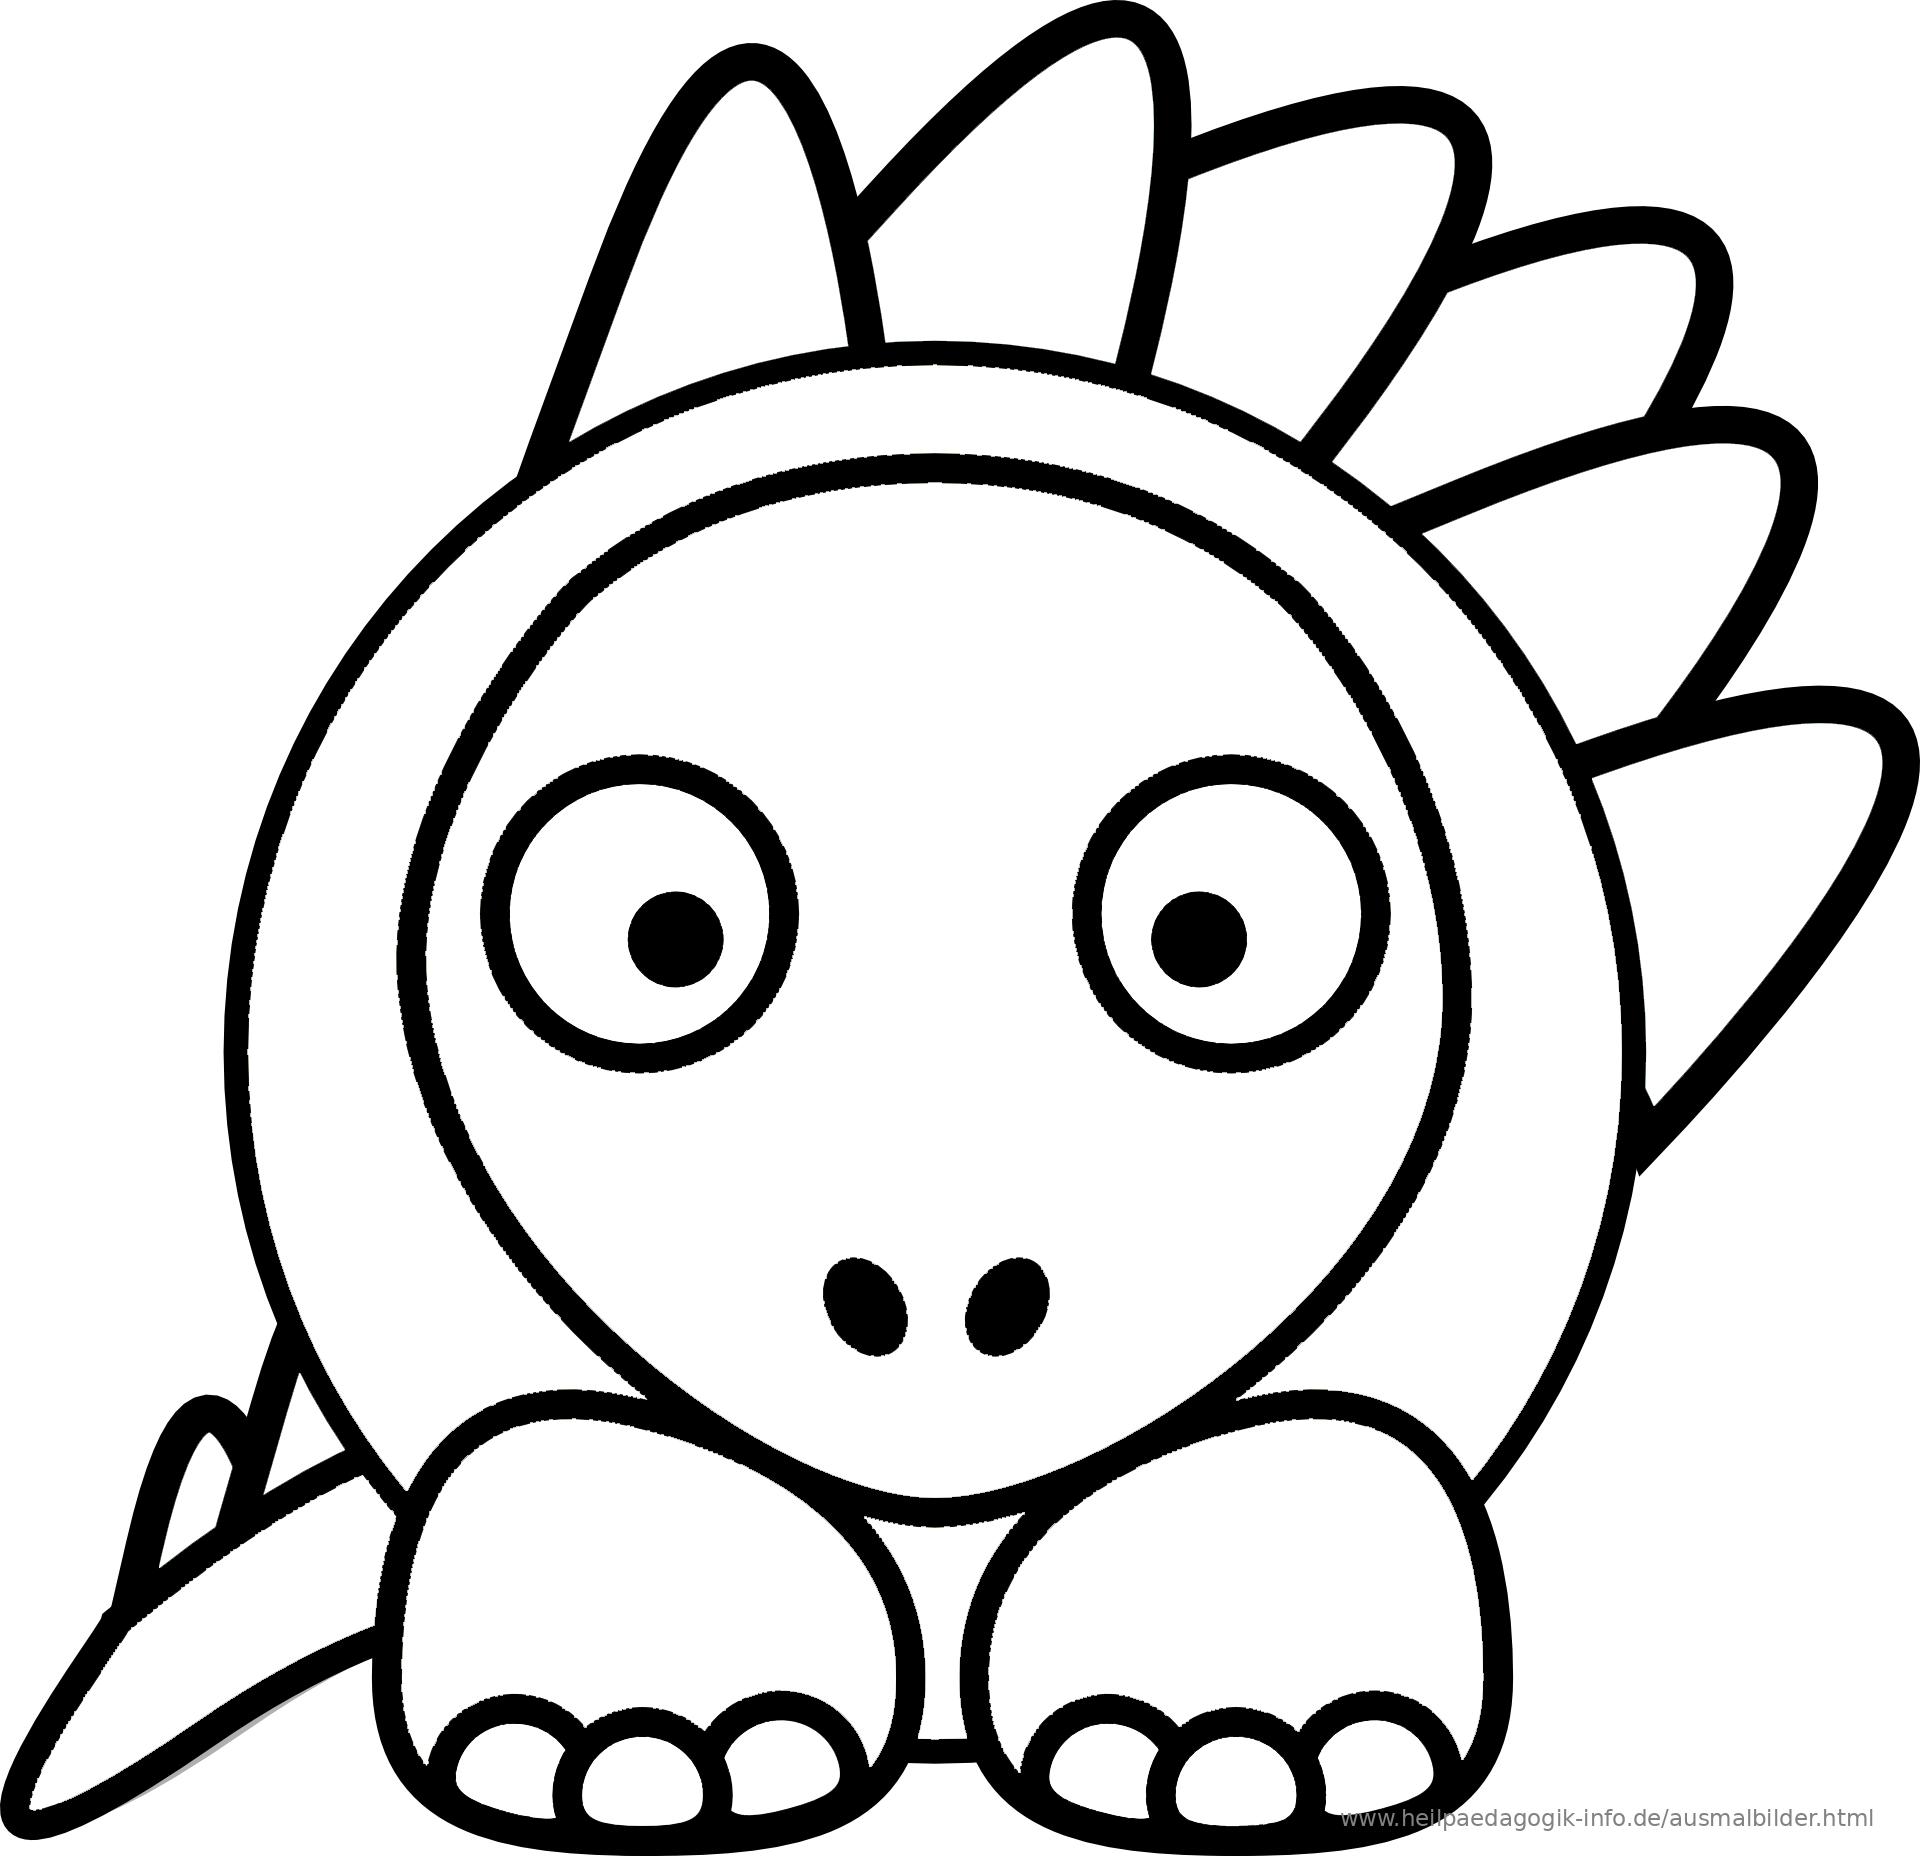 Ausmalbilder Drachen und Dinosaurier